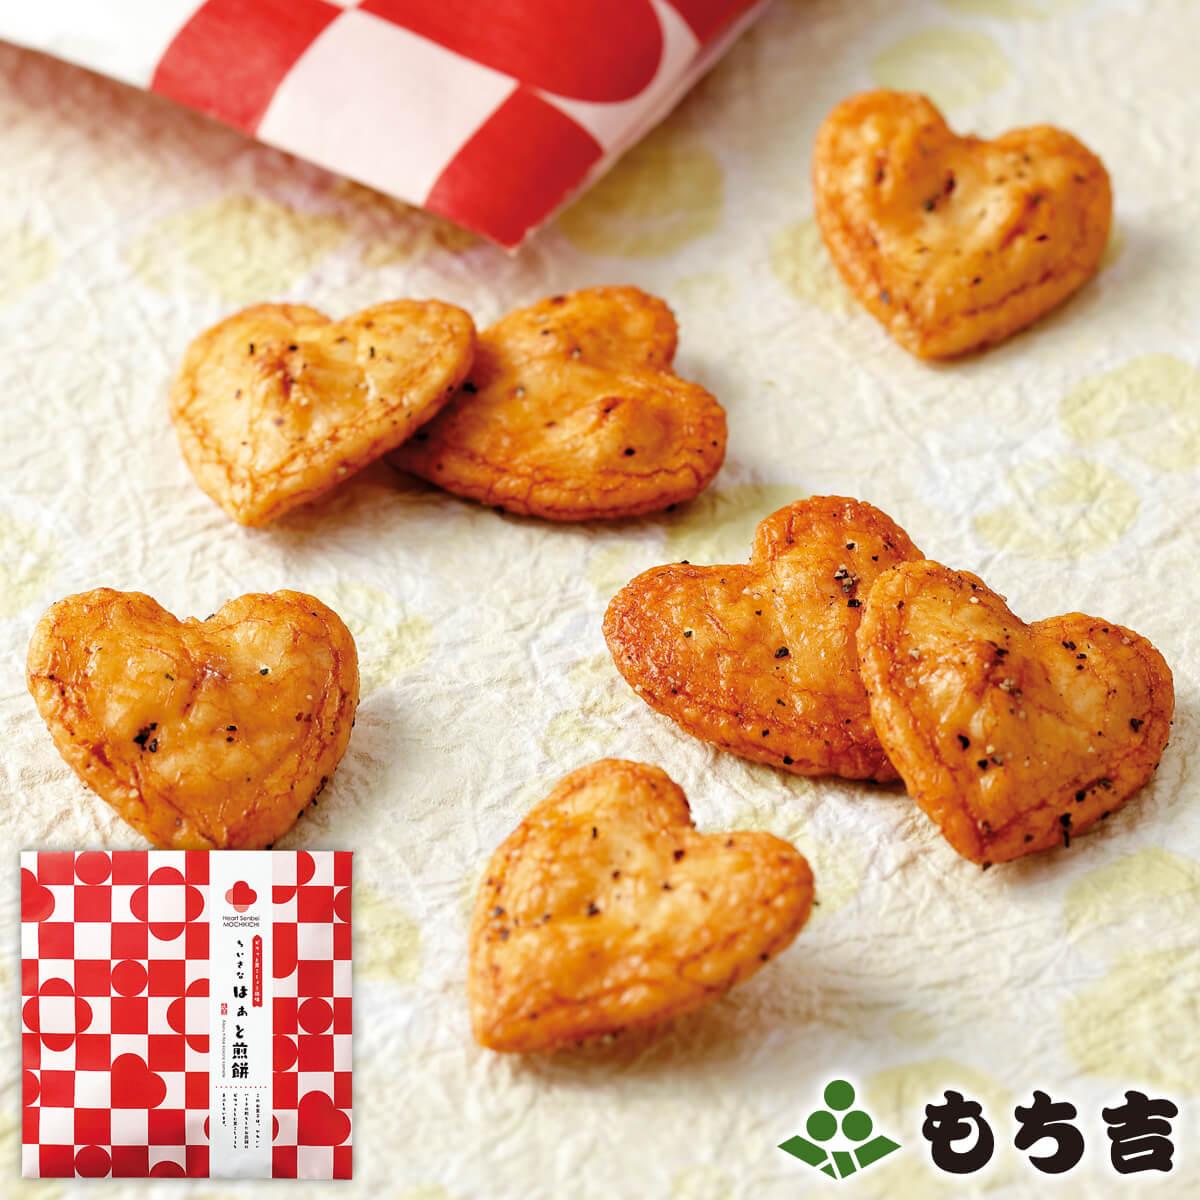 (※期日指定2月16日まで)もち吉 ちいさな はぁと煎餅 市松柄【国産米100% 35g×2袋】